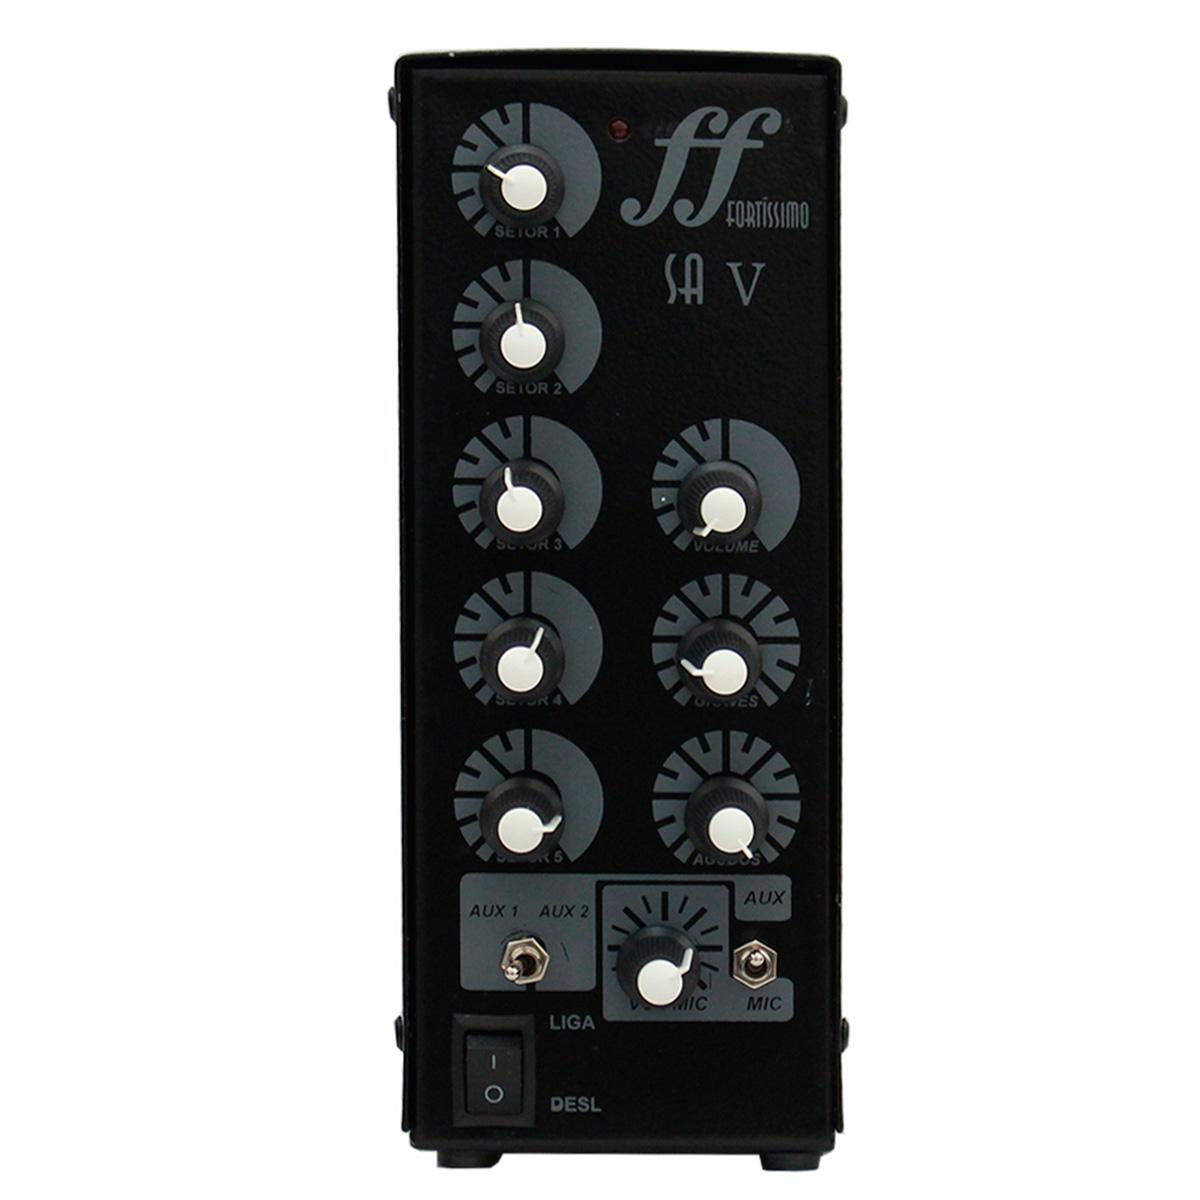 Amplificador Som Ambiente 60W até 20 Caixas - SA 5 FORT DSK